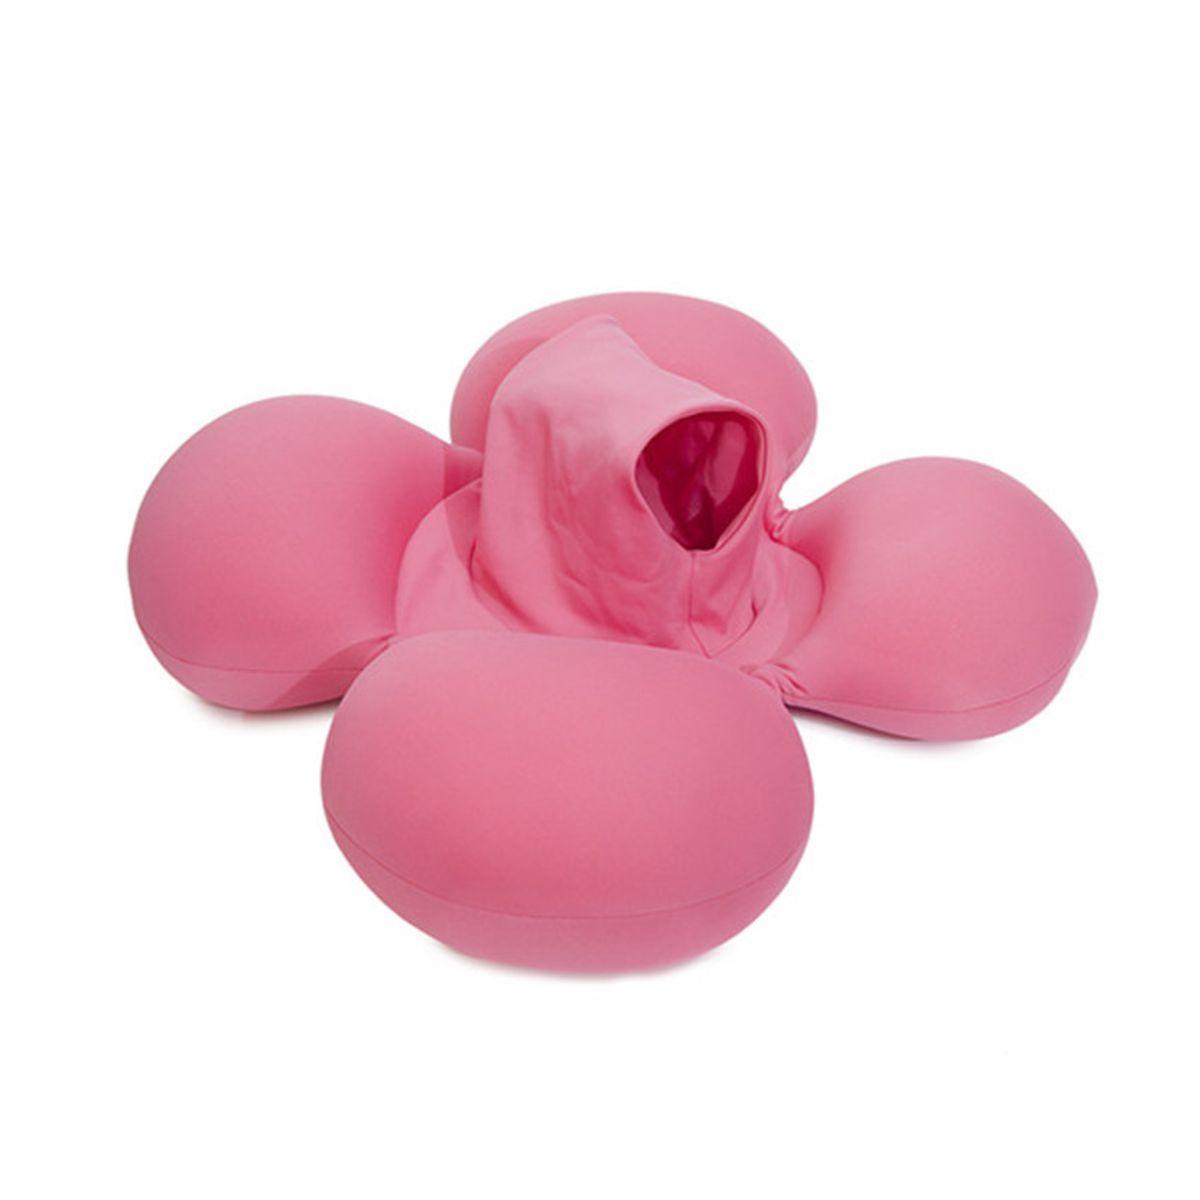 Almofada Octopus Pink - Baby Pil